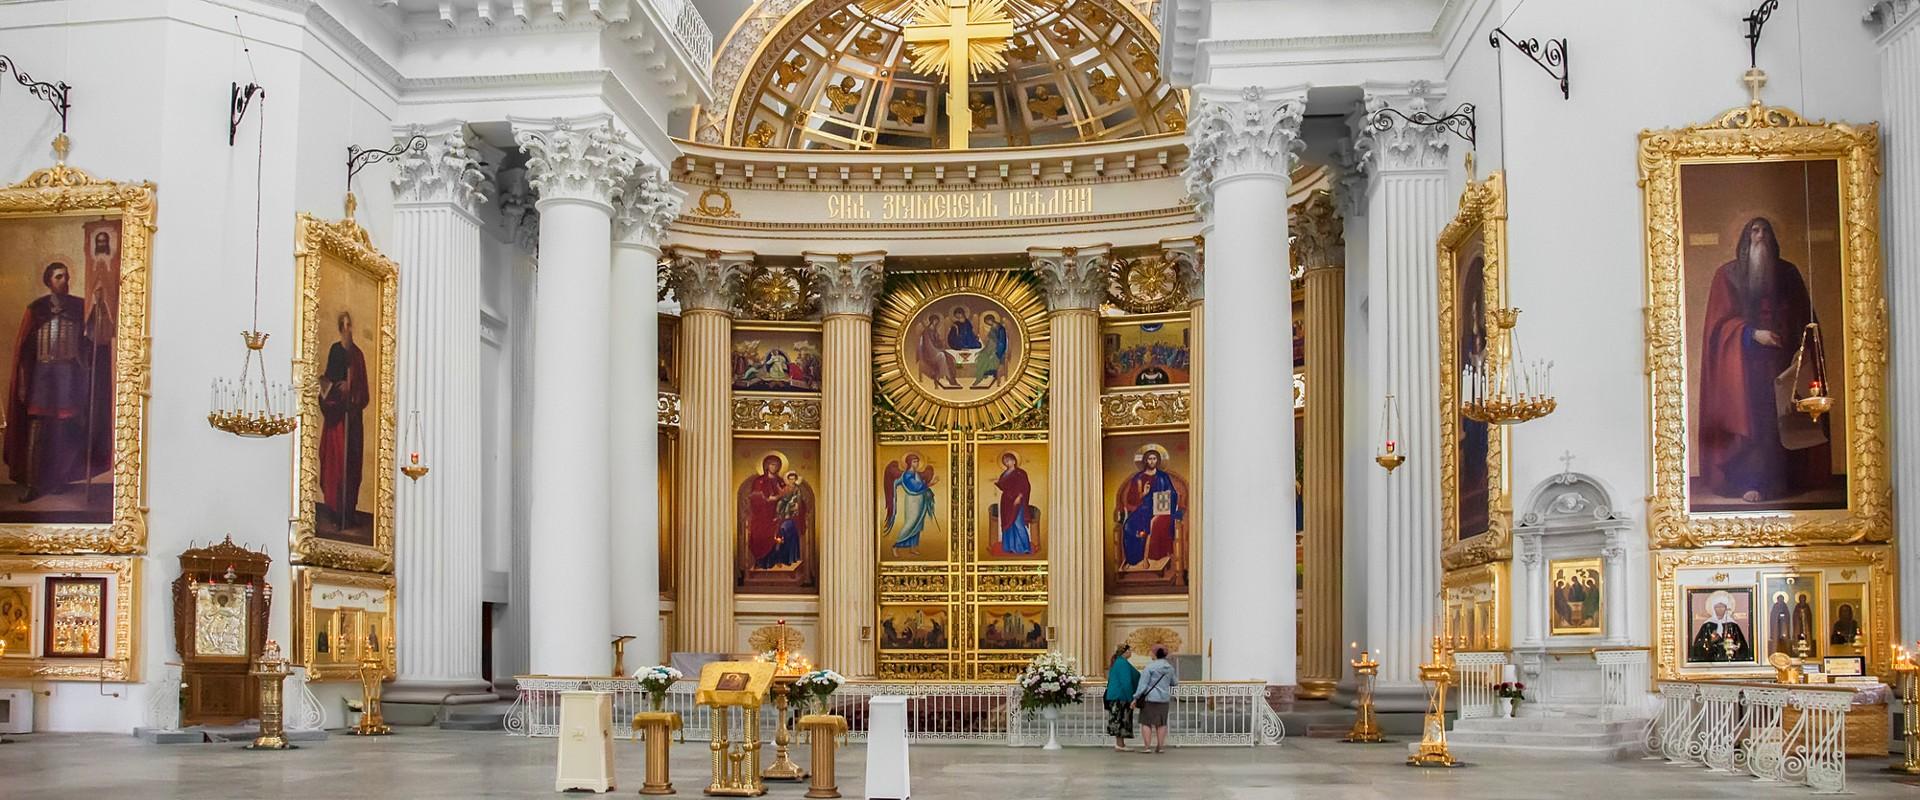 Интерьер Троице-Измайловского собора в СПб